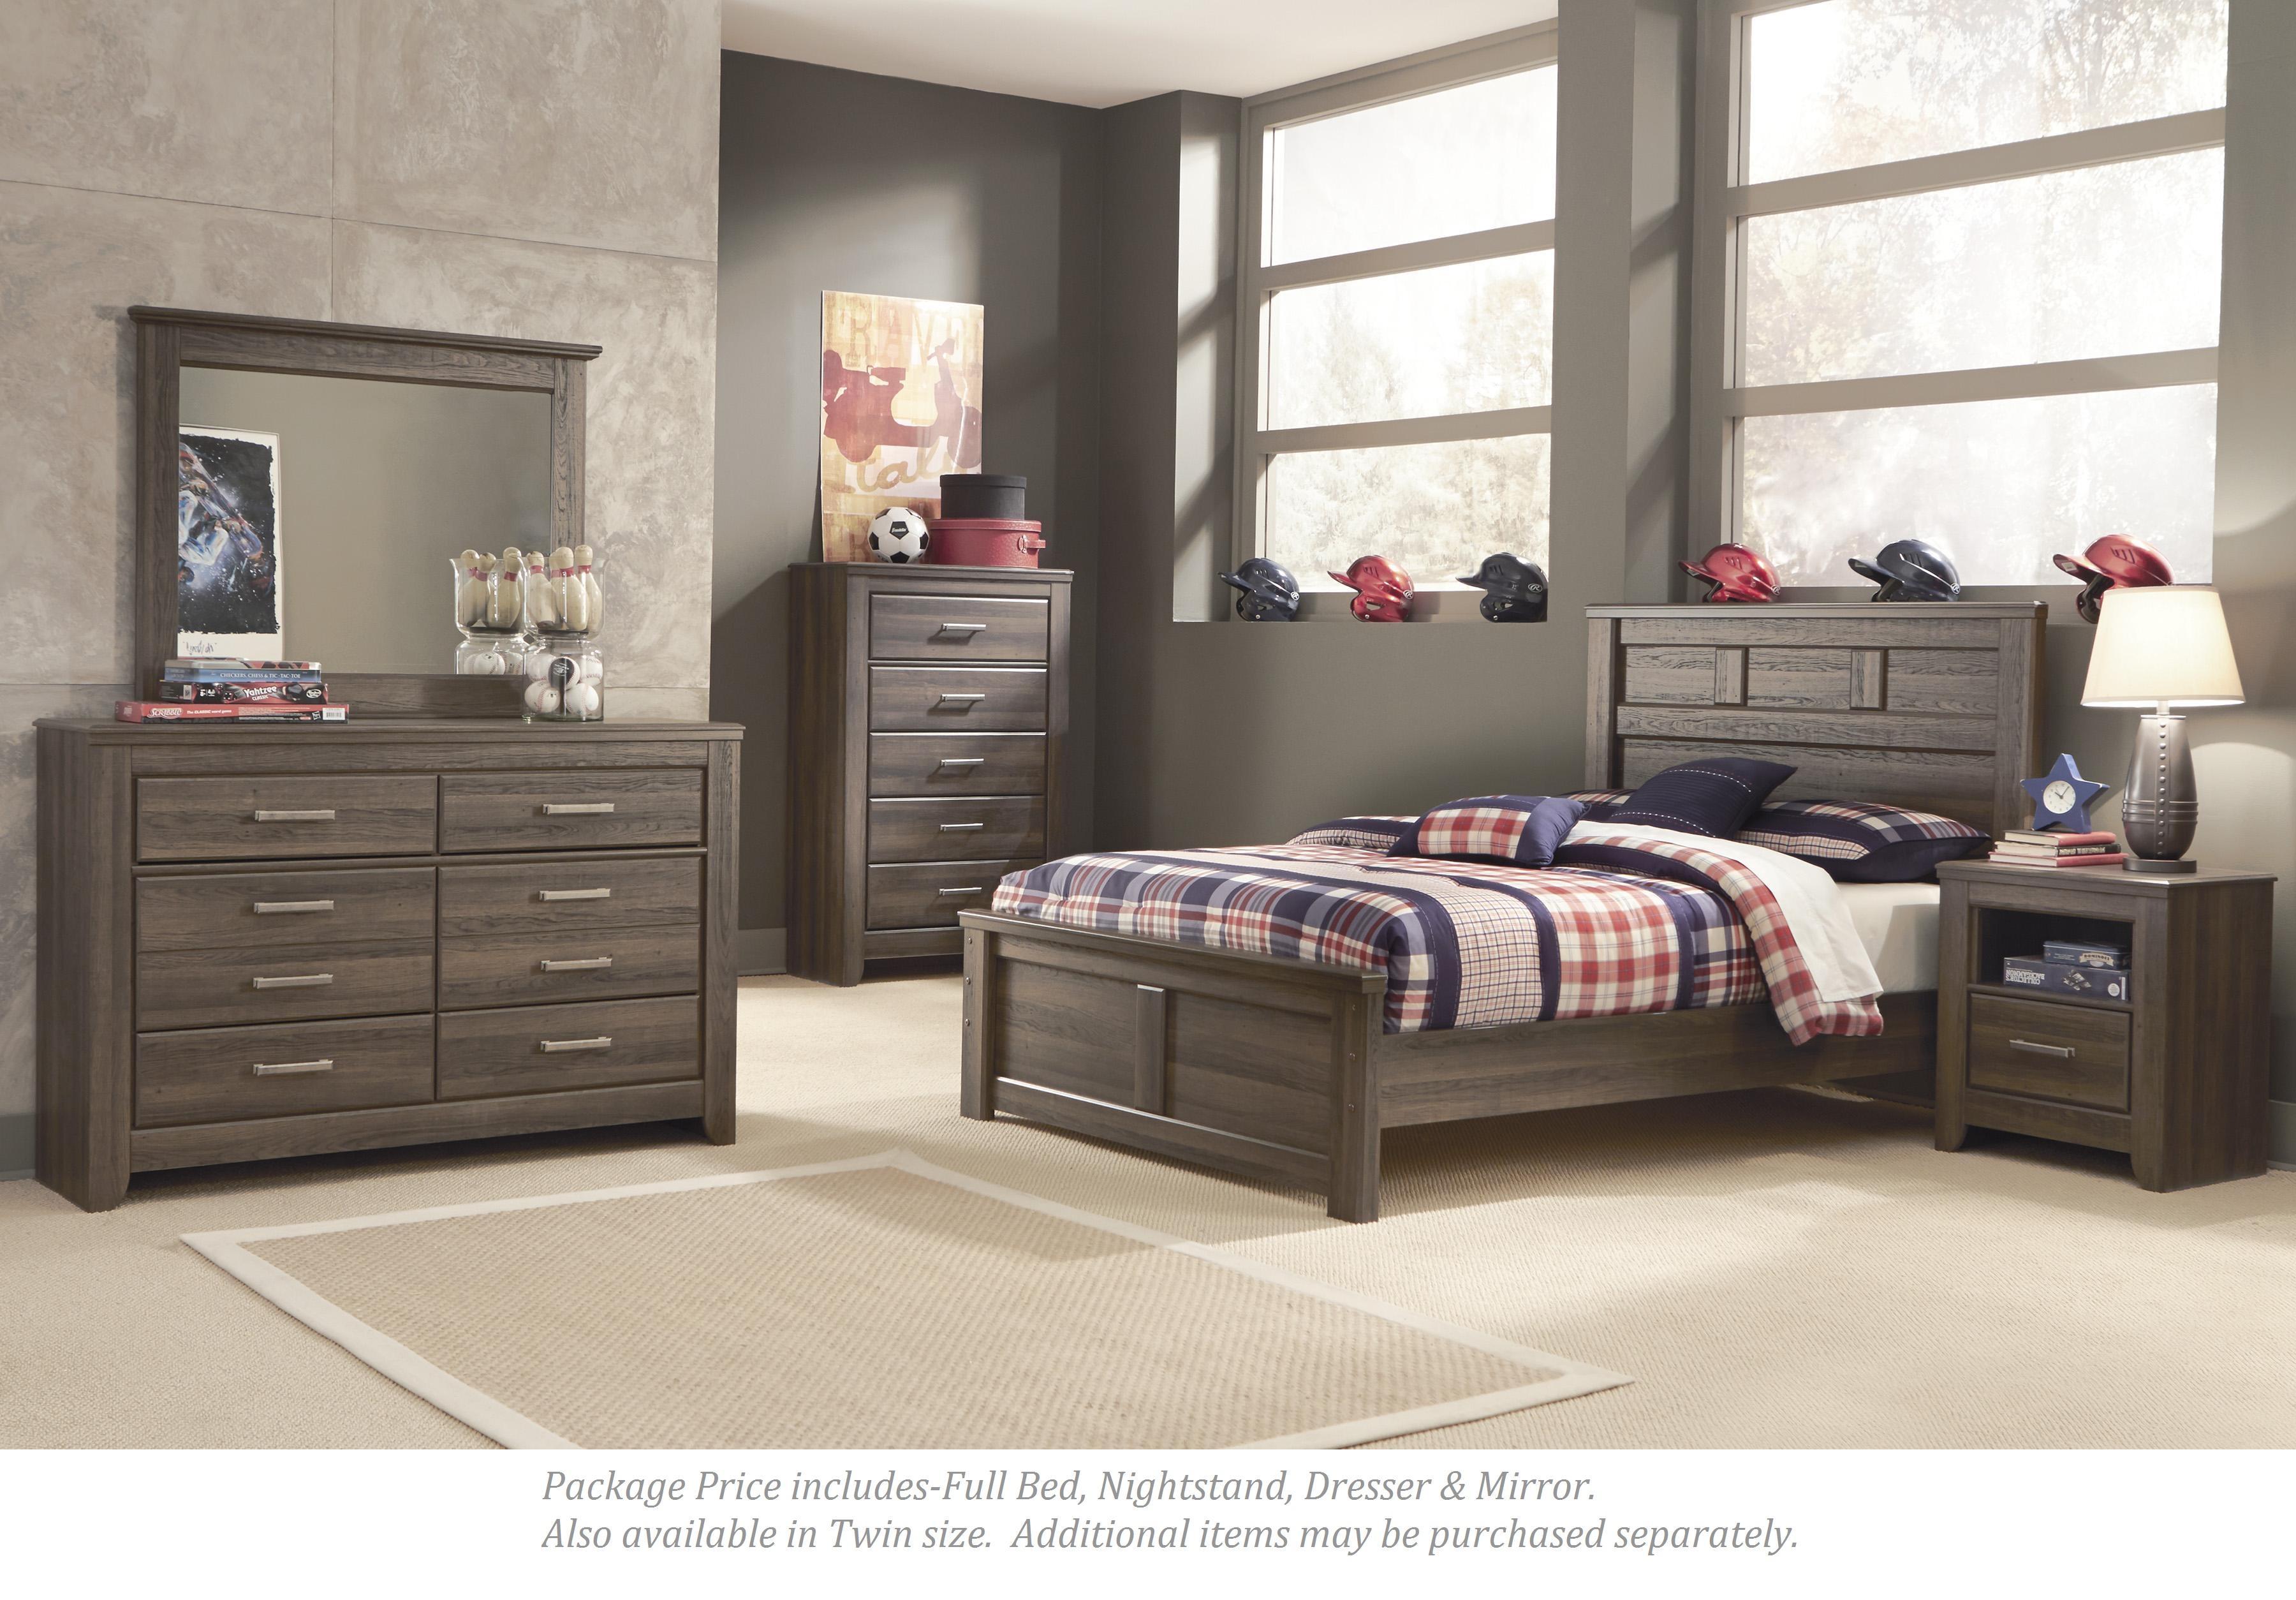 4-PC Full Bedroom